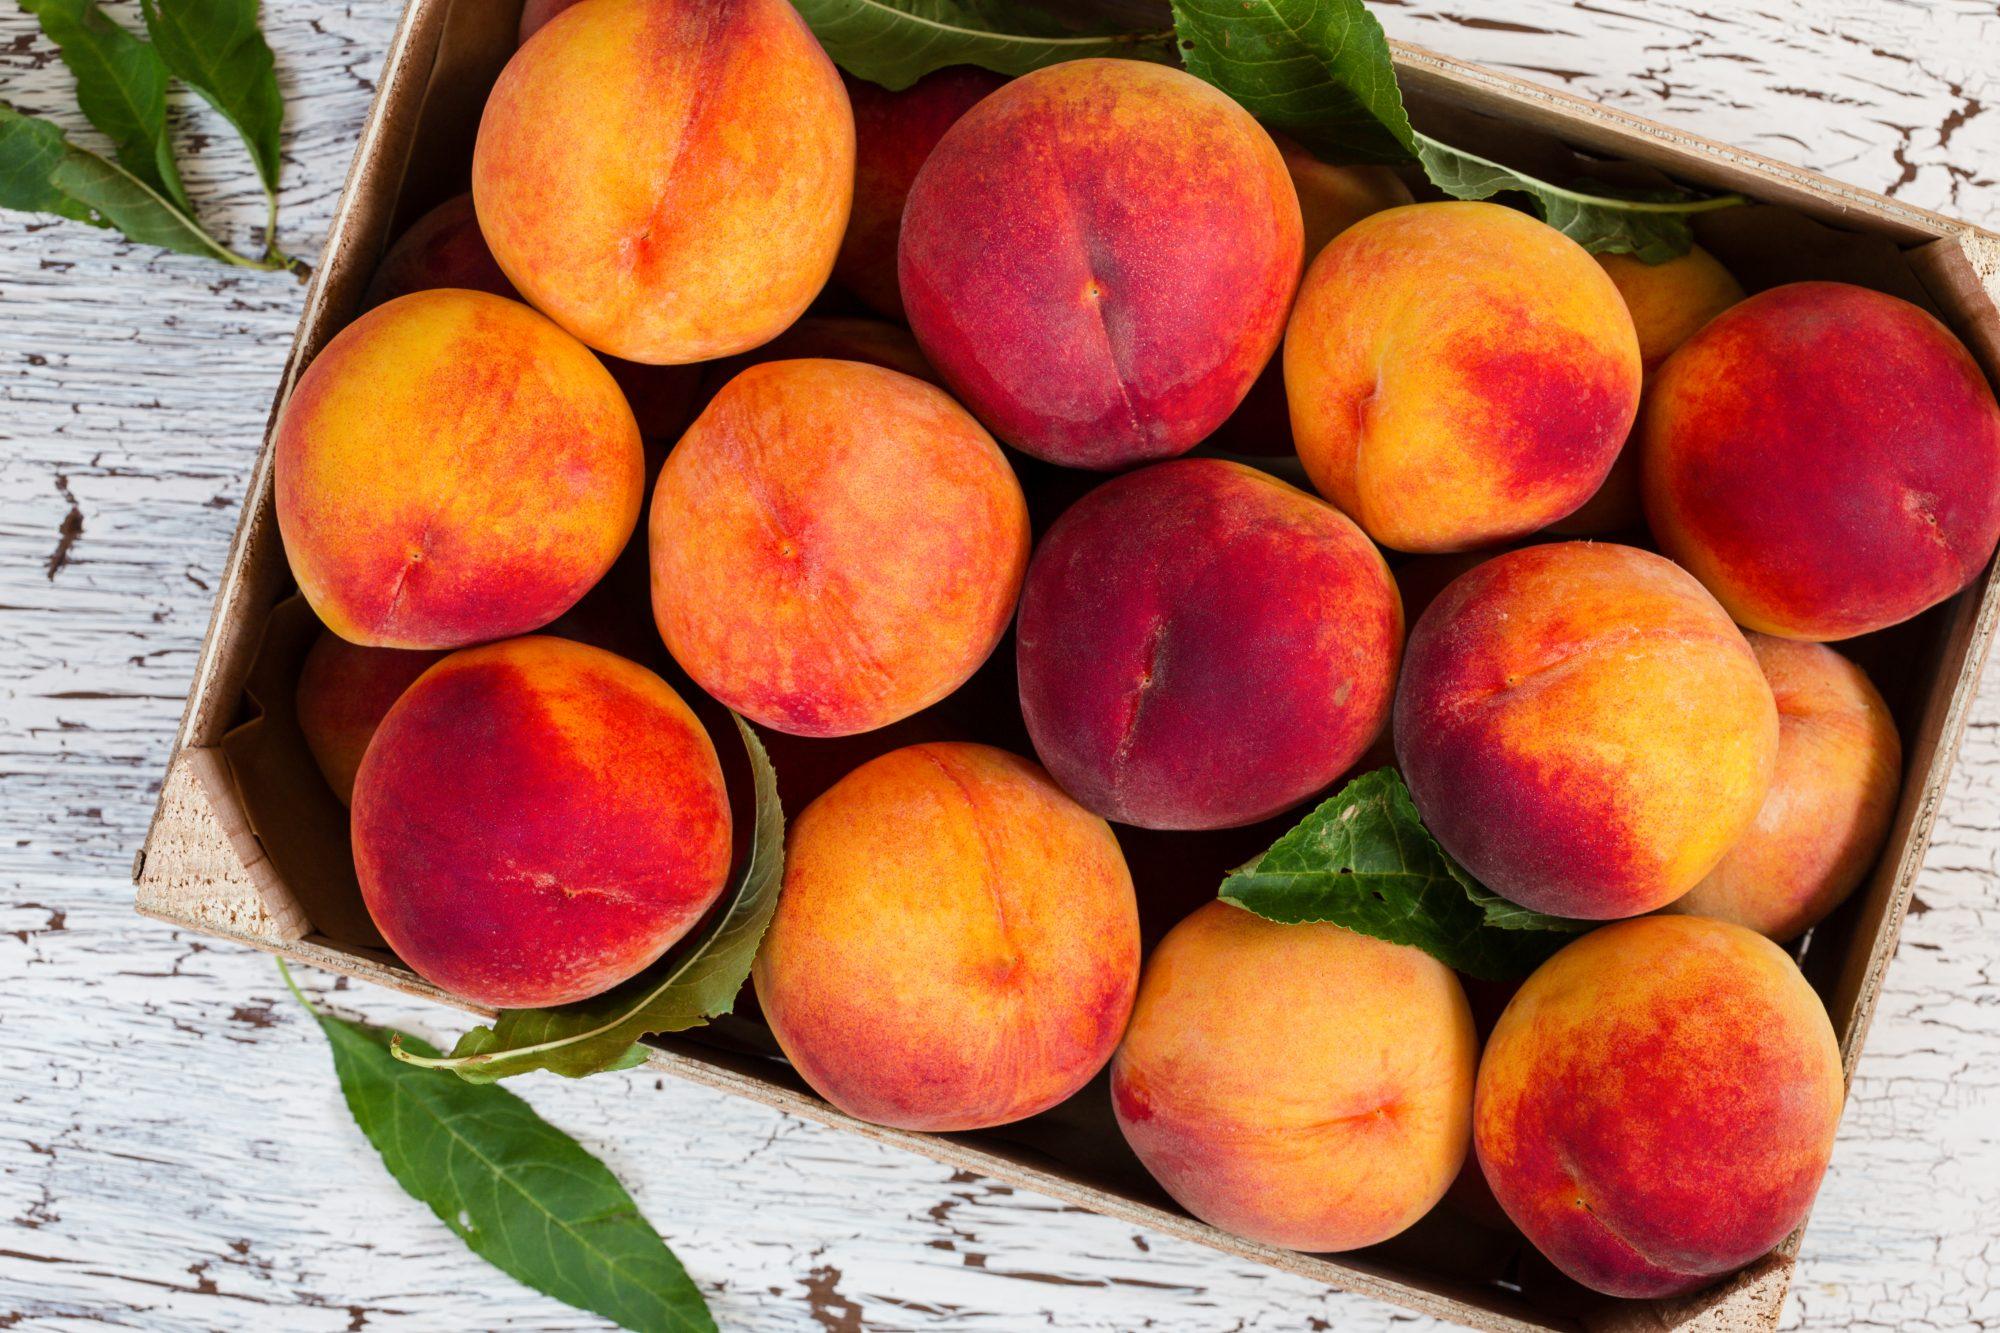 Peaches Getty 9/4/19